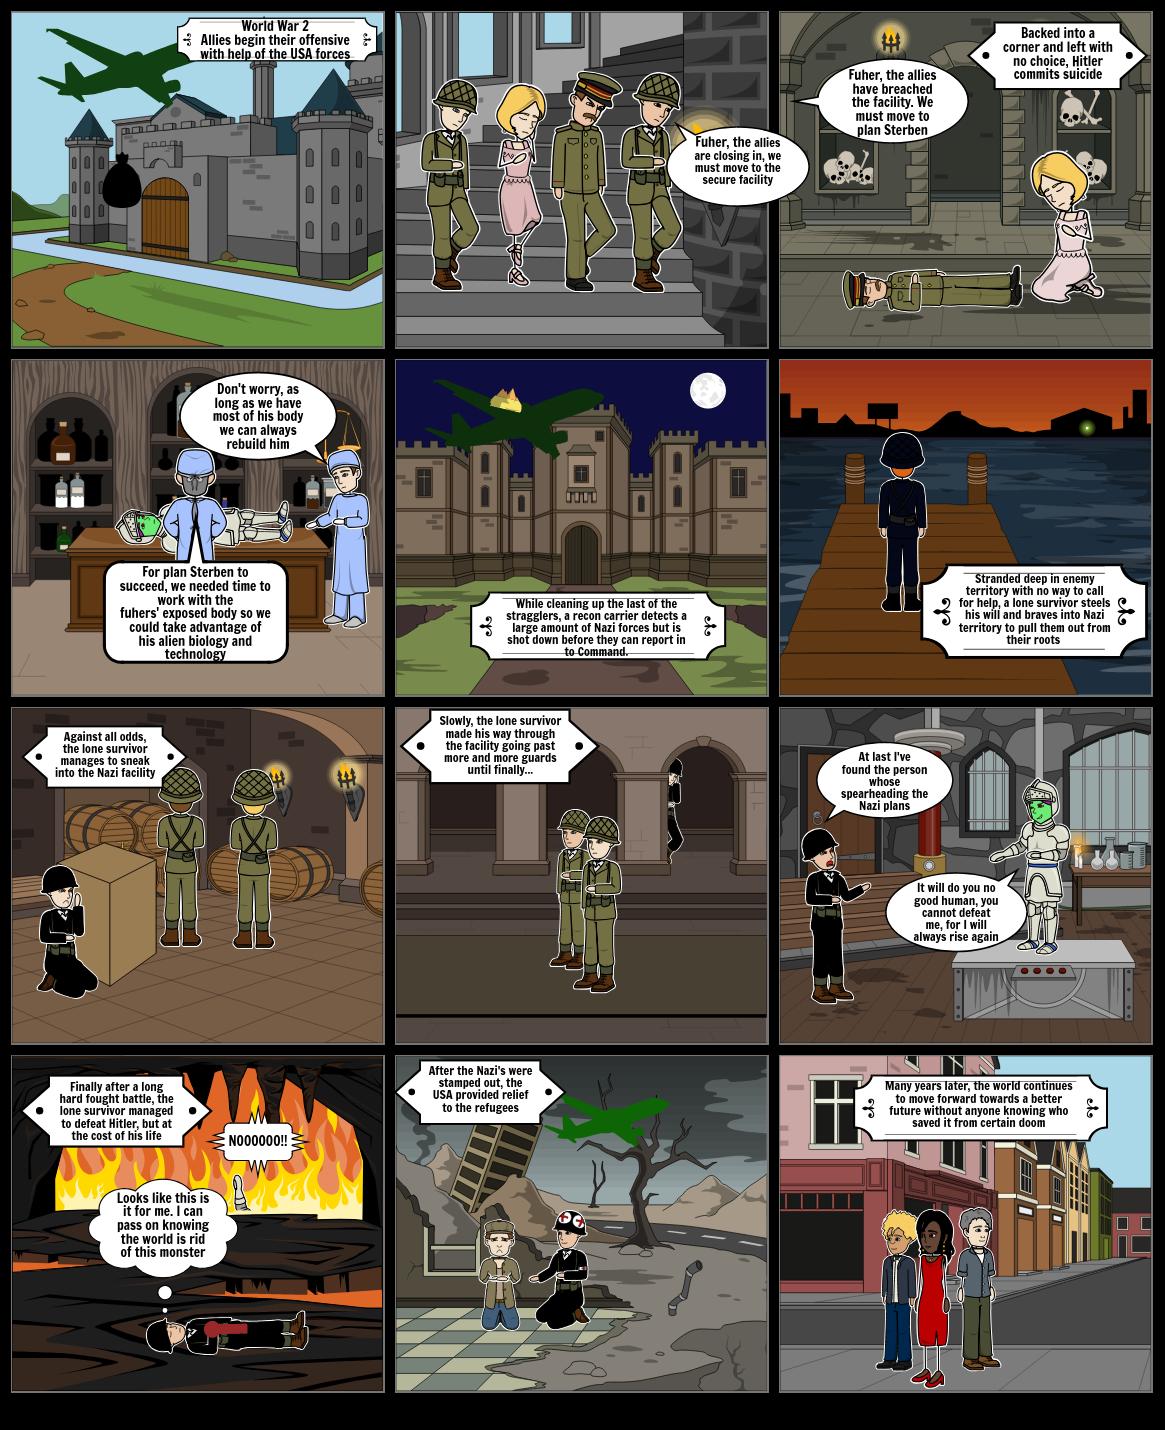 English 11 ww2 comic